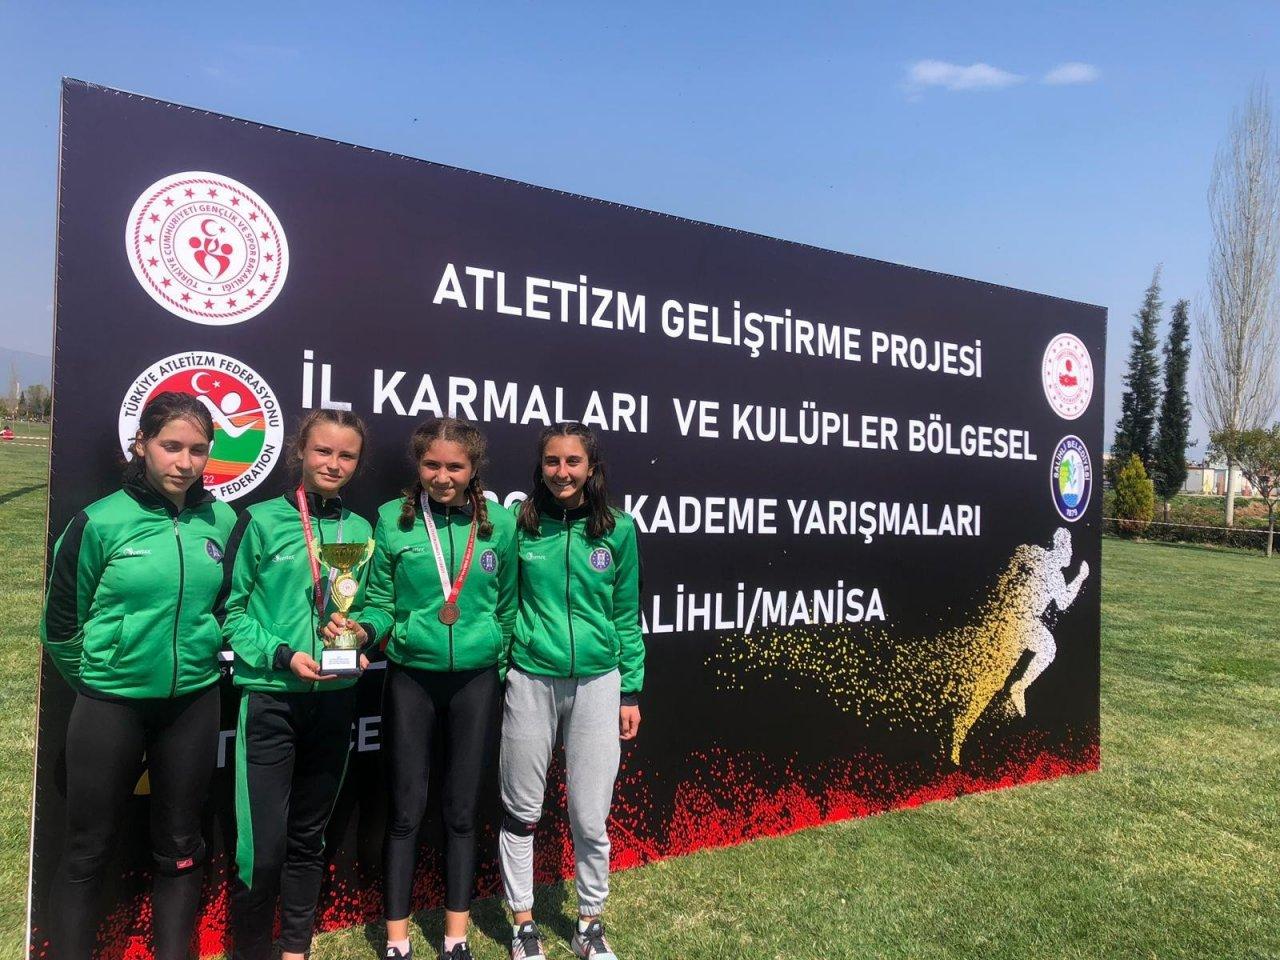 Kütahya Belediyespor'un Atletizm Başarısı